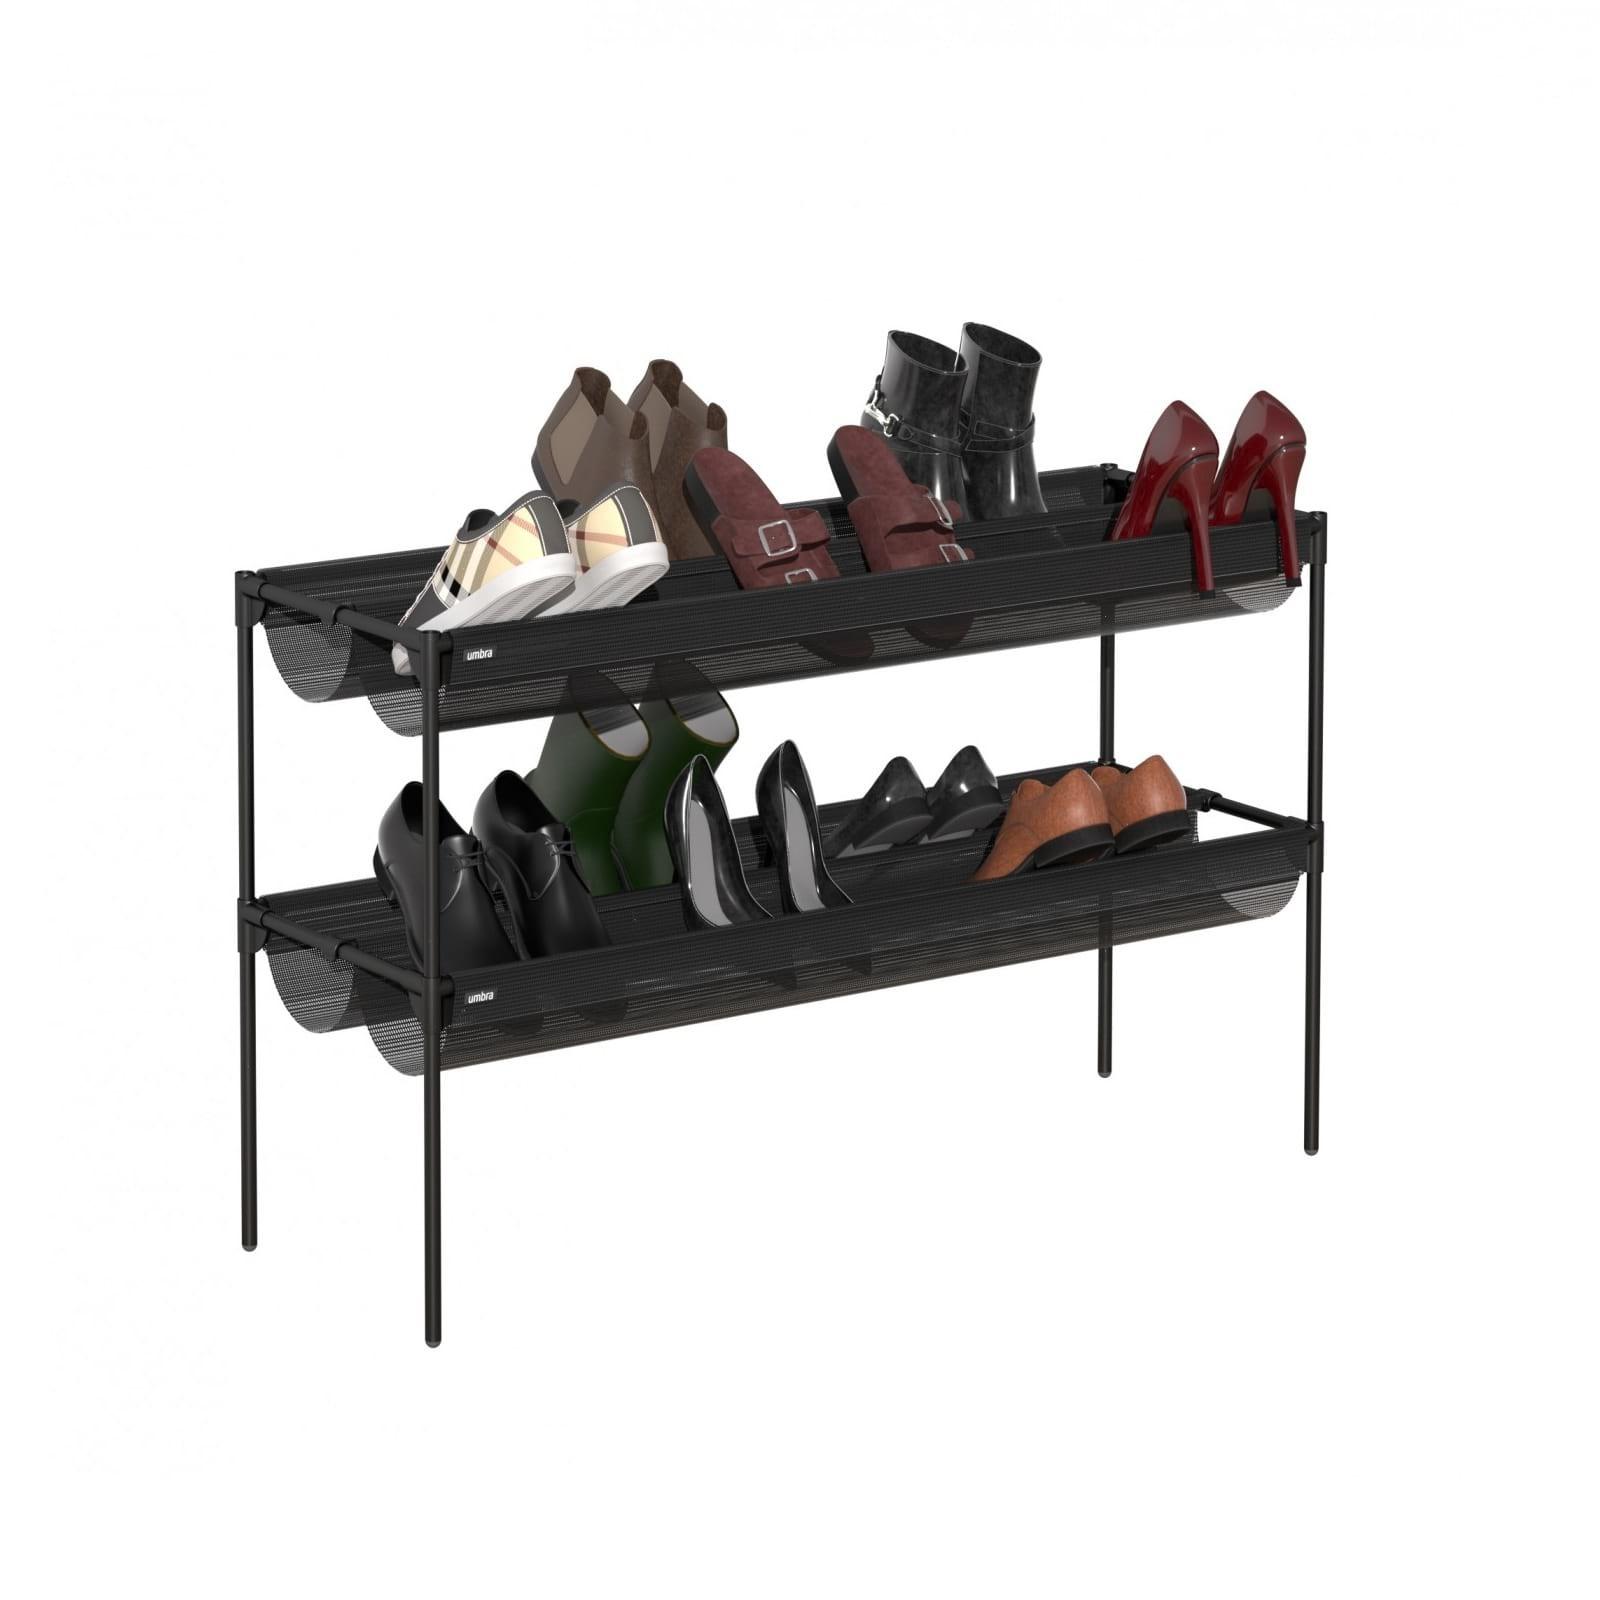 Shoe Sling Stacking Shoe Rack Organizer - Umbra